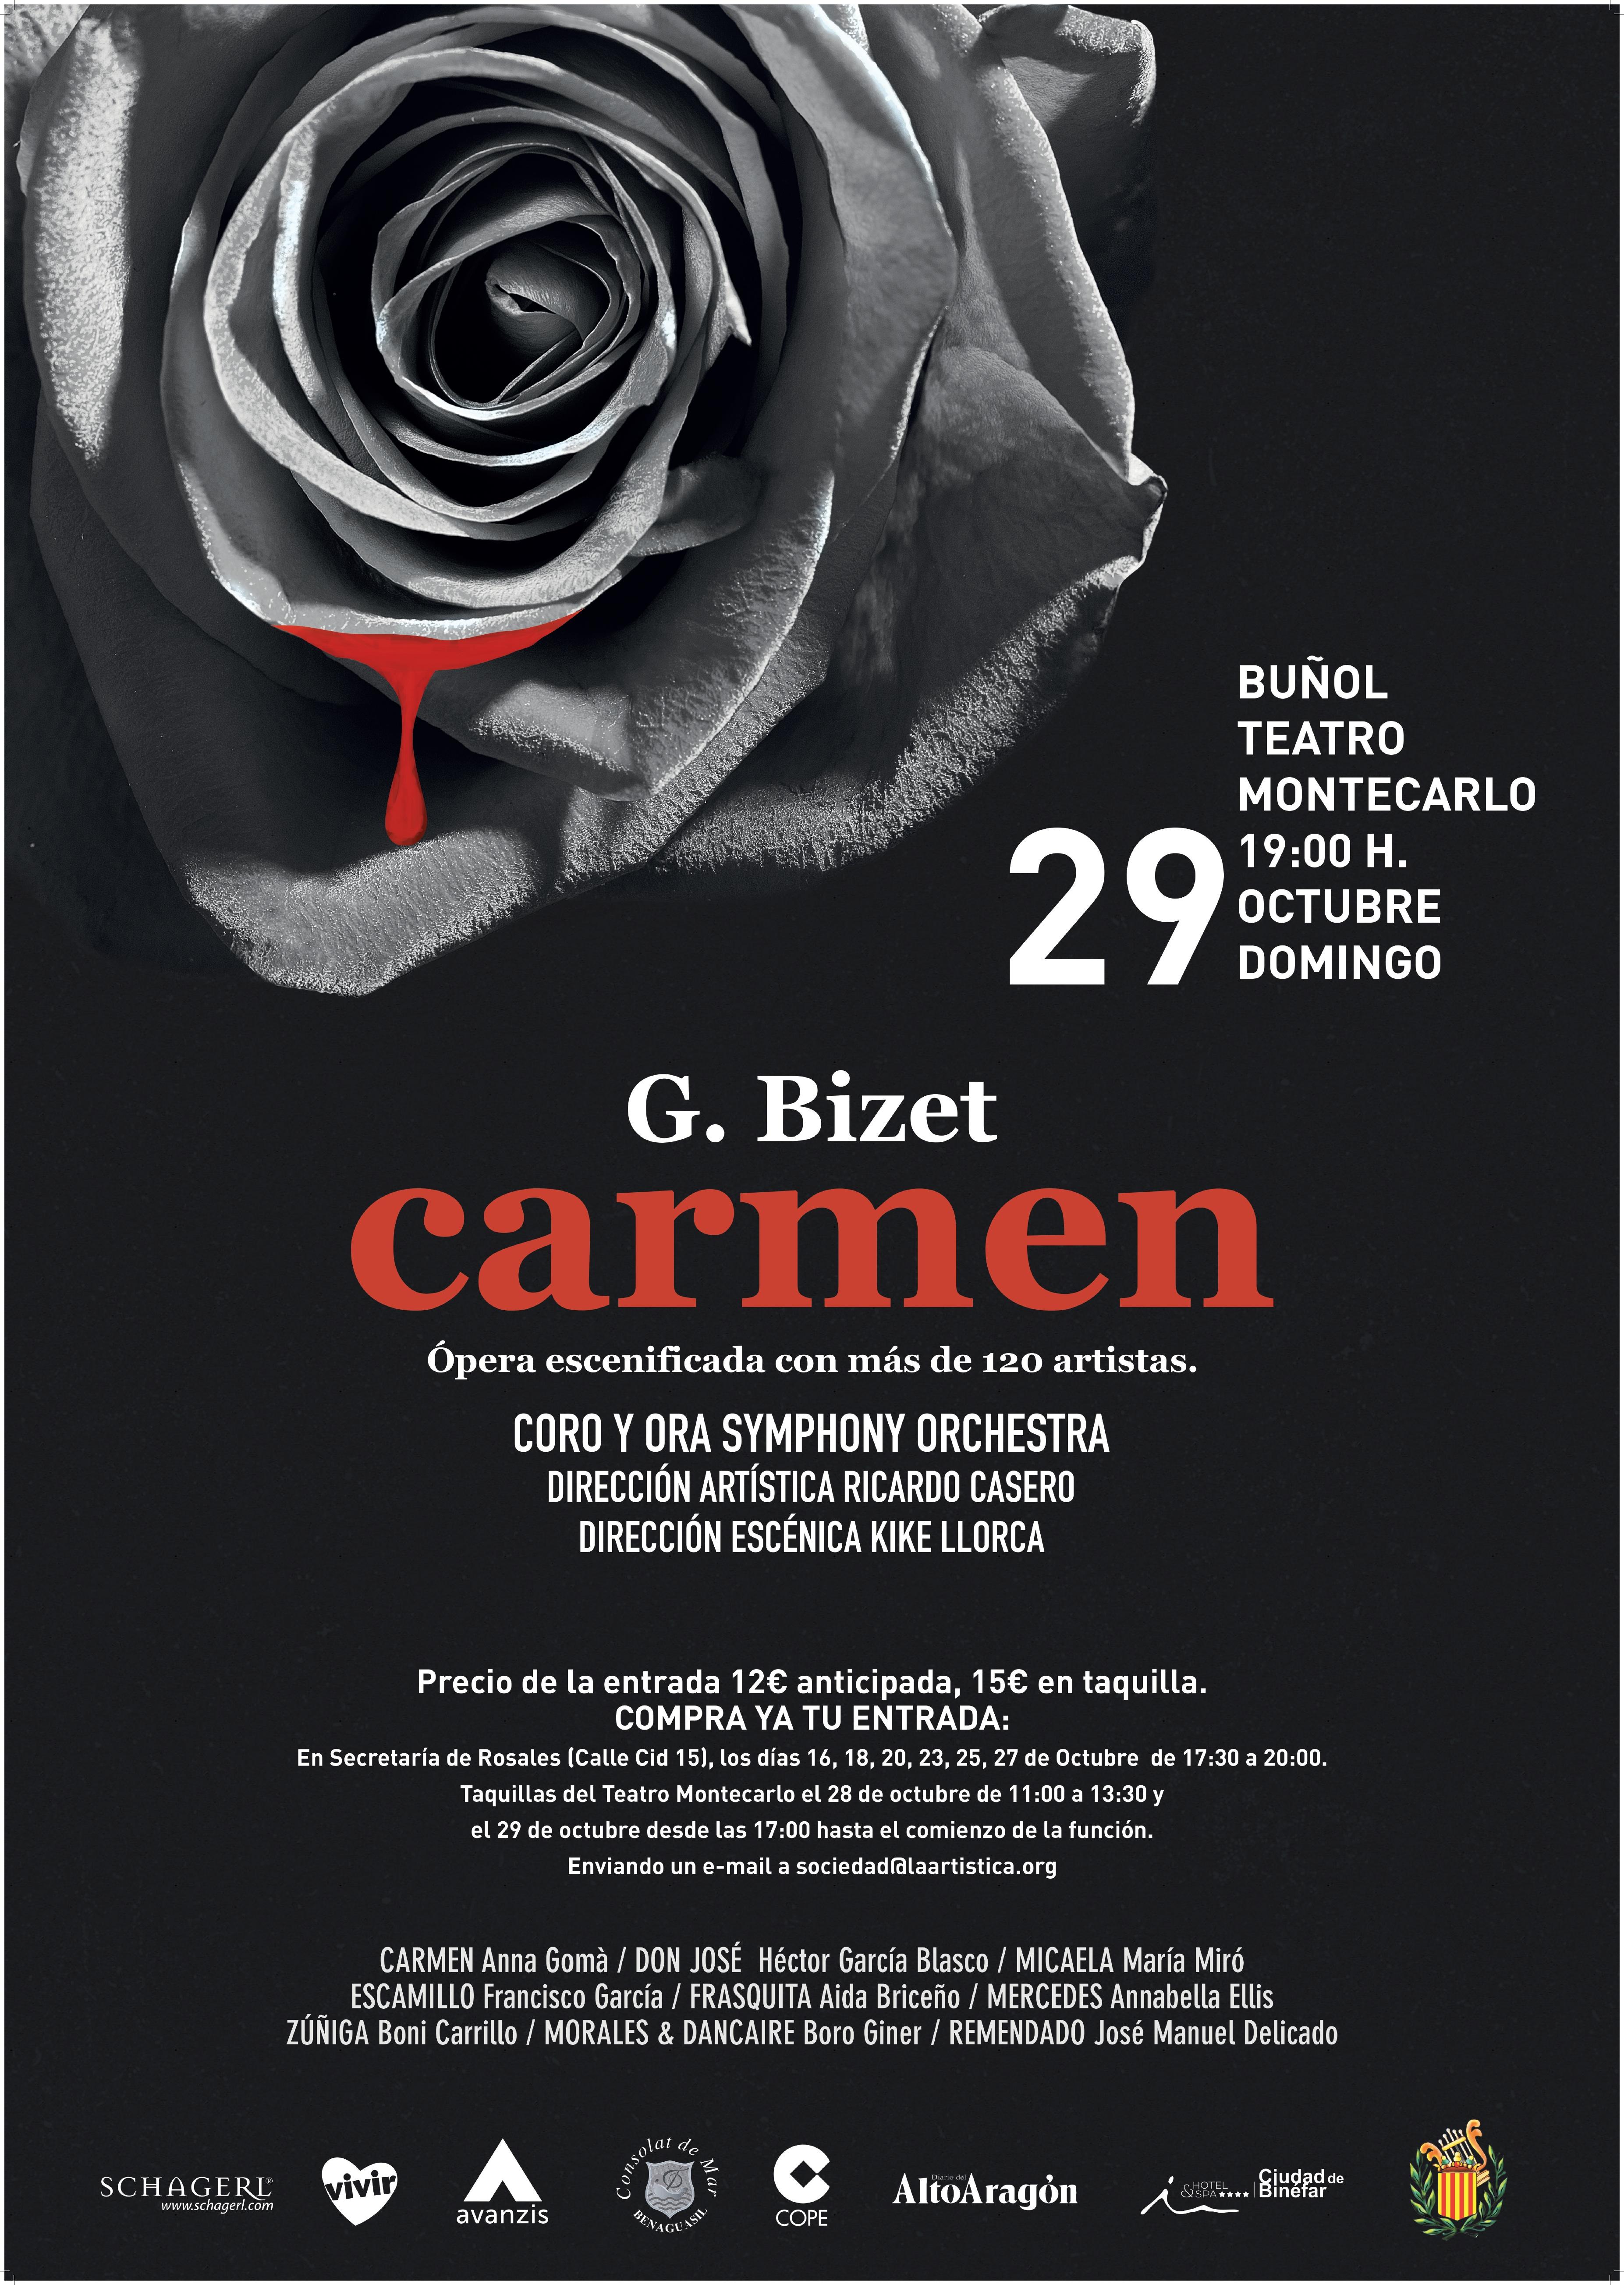 La famosa obra de Bizet se presenta en el Teatro Montecarlo de Buñol el 29 de octubre a las 19,00 horas.